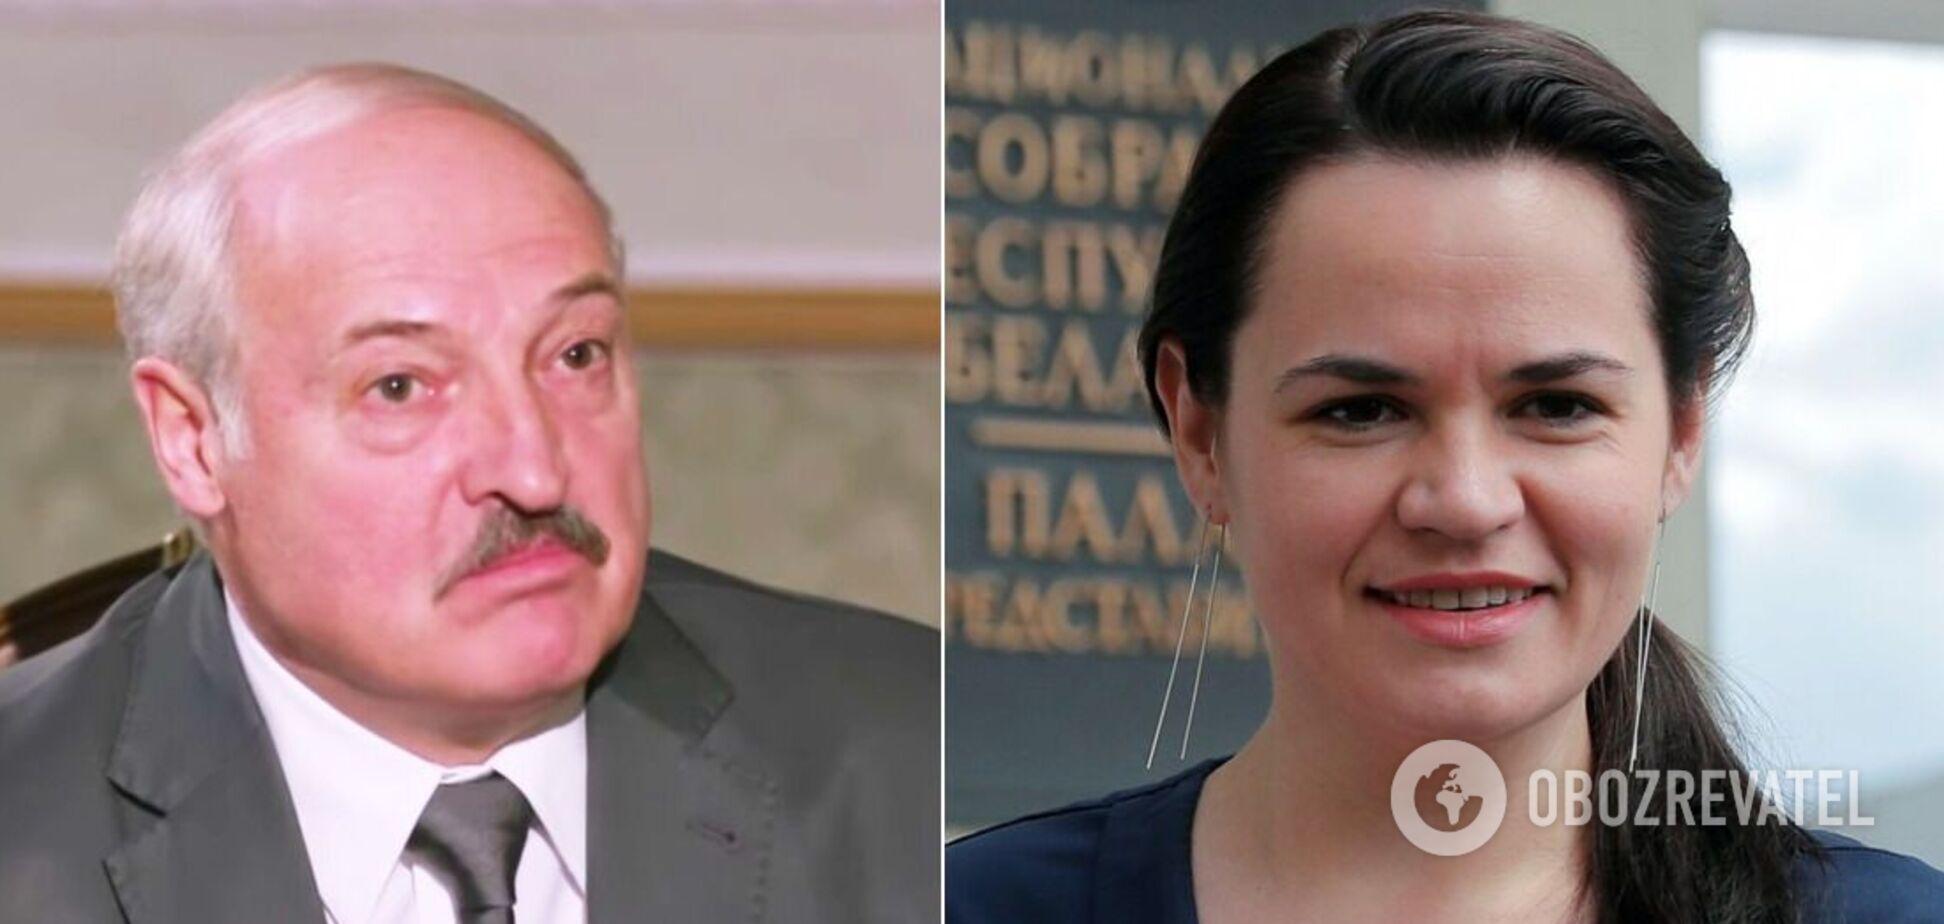 ЦИК Беларуси огласила официальные результаты выборов